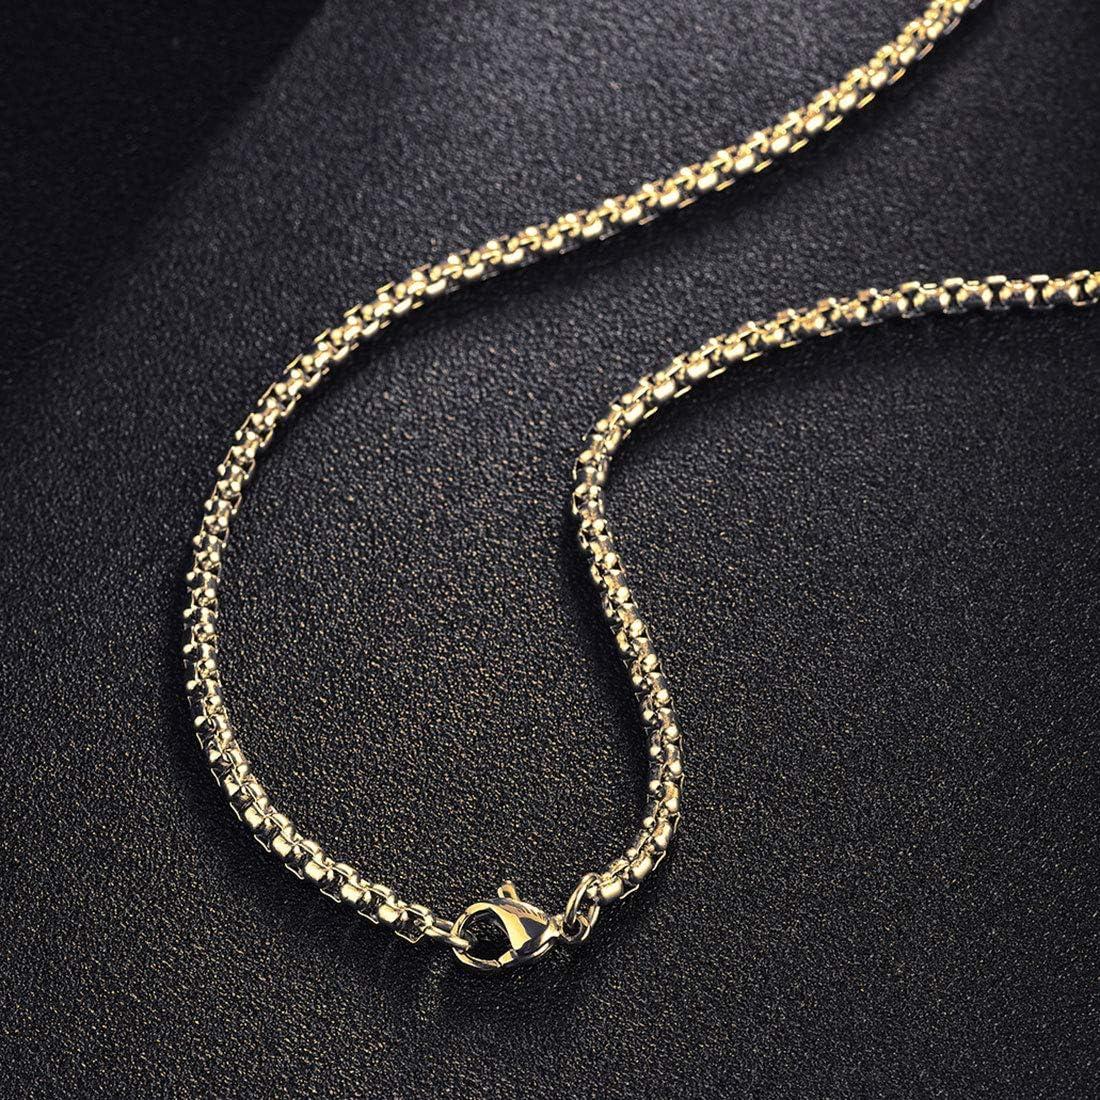 Longueur 56 cm Collier Homme Plaqu/é Or Jaune avec Pendentif Croix en Argent sterling 925 et Cha/îne Acier Inoxydable pour Hommes